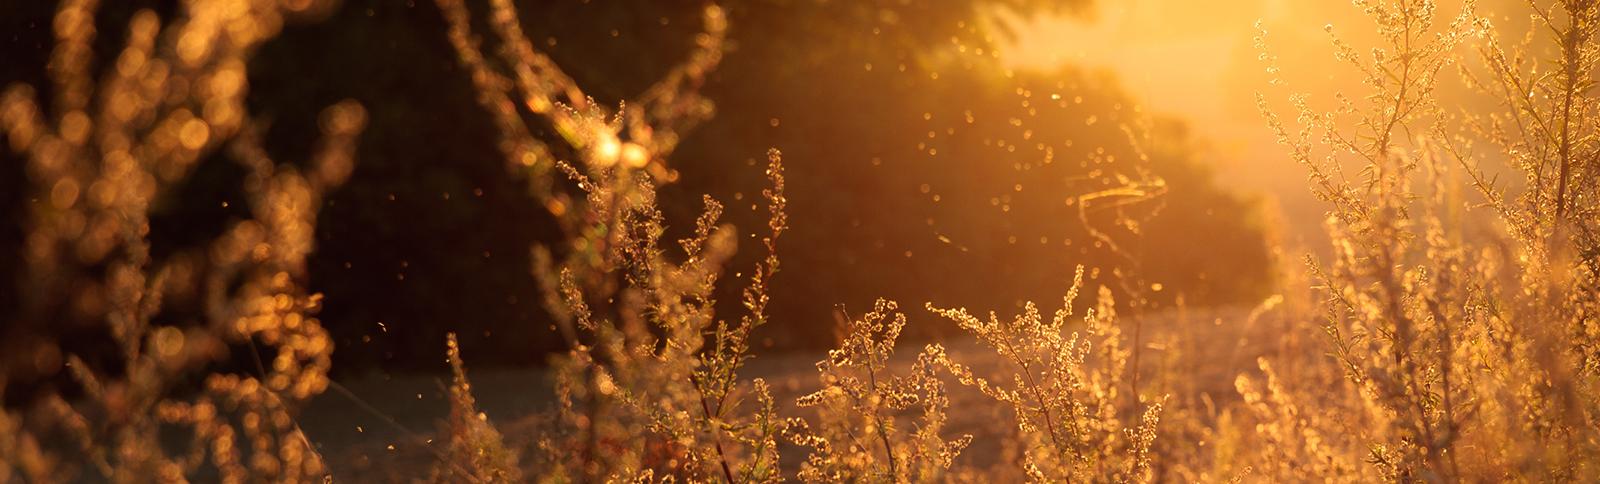 feld, field, flowers, blumen, treiben, reise, auf den weg machen, Story, Autor, Autoren, Coaching, Seminar, Timeline